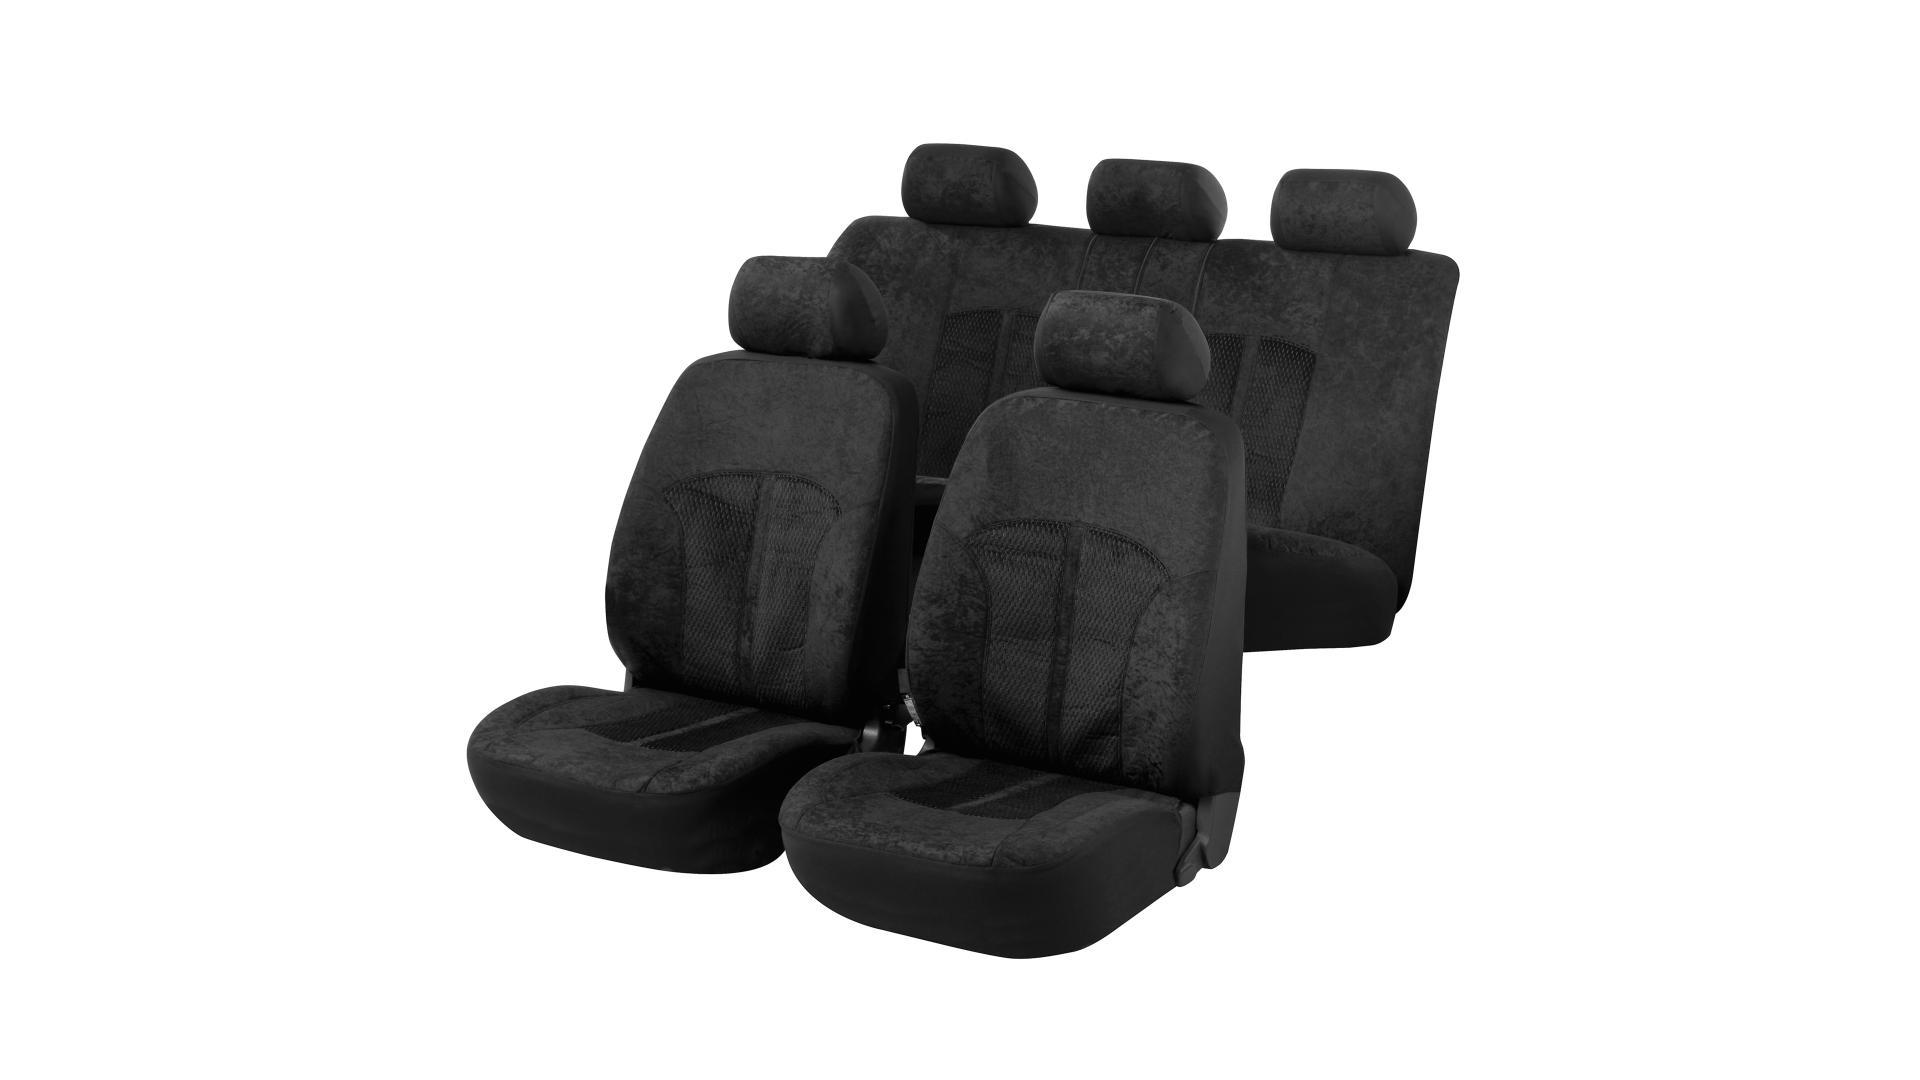 Walser Car Seat Cover Velvet made of Polyester ZIPP IT